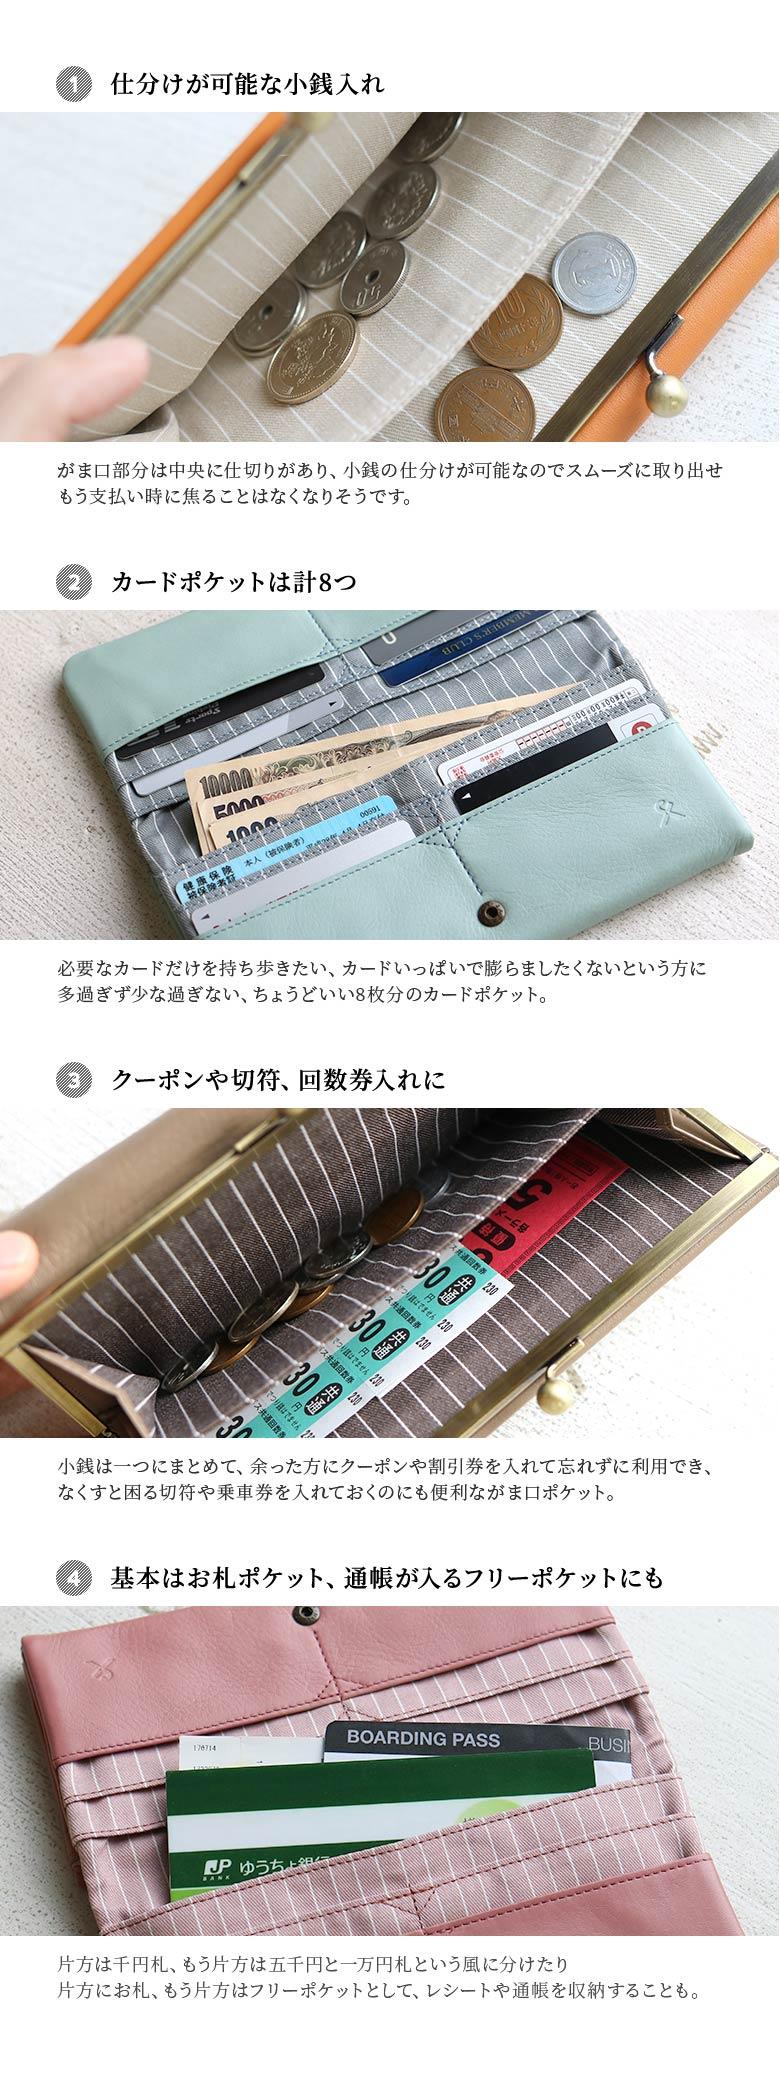 AYANOKOJI X(あやの小路 イックス) moumouがま口長財布 1.仕分けが可能な小銭入れ がま口部分は中央に仕切りがあり、小銭の仕分けが可能なのでスムーズに取り出せ、もう支払い時に焦ることは無くなりそうです。2.カードポケットは計8つ 必要なカードだけを持ち歩きたい、カードいっぱいで膨らましたくないという肩に多すぎず少なすぎない、ちょうどいい8枚分のカードポケット。 3.クーポンや切って、回数券入れに 小銭は一つにまとめて、余った方にクーポンや割引券を入れて忘れずに利用でき、なくすと困る切符や乗車券を入れておくのにも便利ながま口ポケット。 4.基本はお札ポケット、通帳が入るフリーポケットにも 片方は千円札、もう片方は5000円と一万円札という風に分けたり、片方にお札、もう片方はフリーポケットとして、レシートや通帳を収納することも。